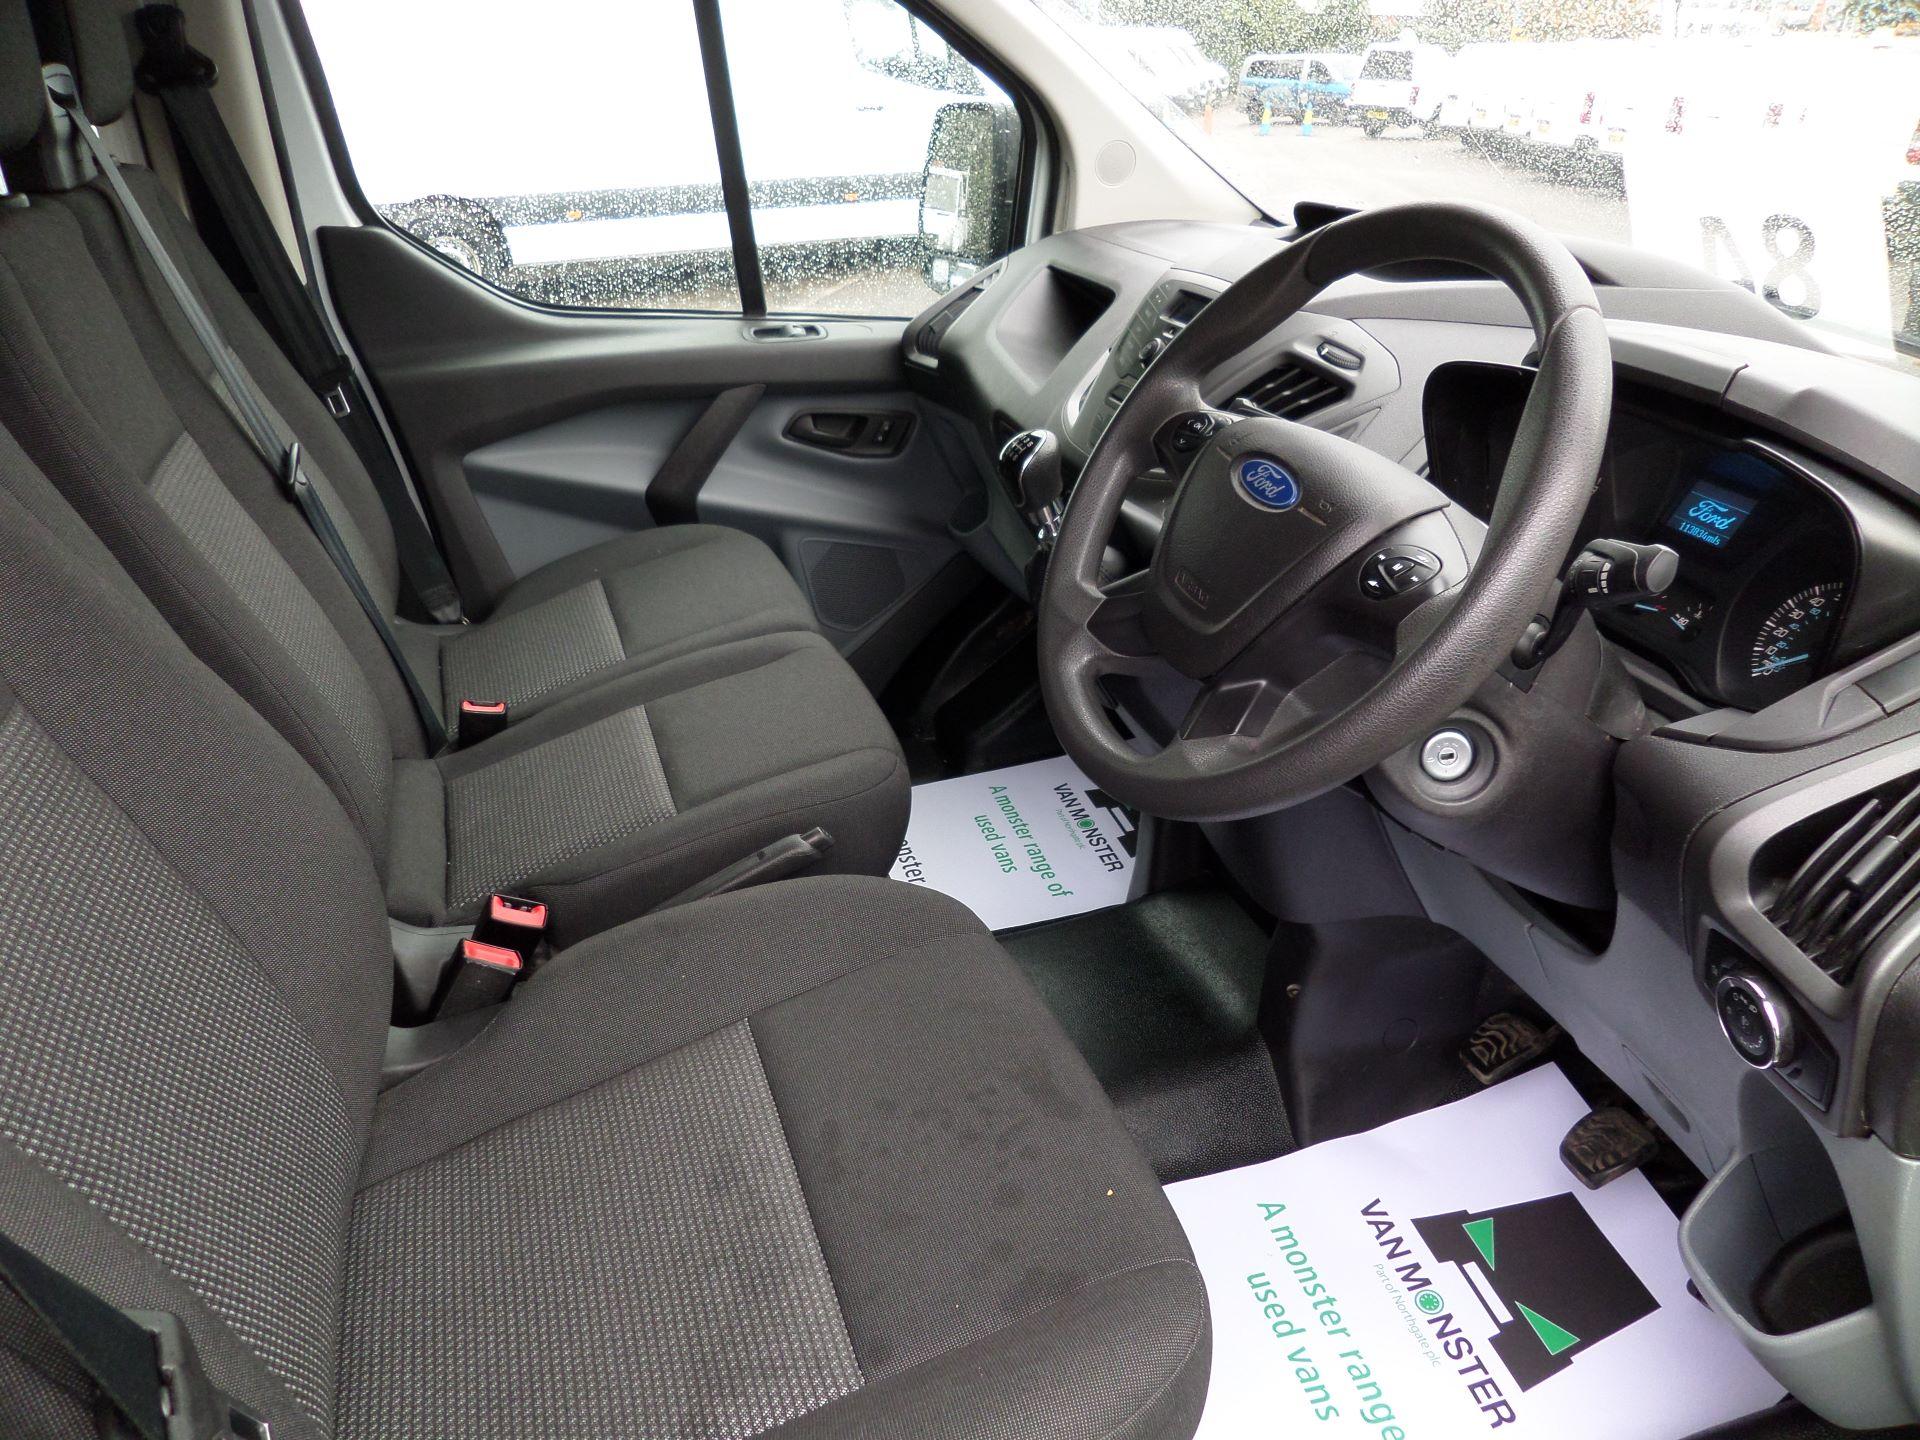 2014 Ford Transit Custom 290 L1 DIESEL FWD 2.2  TDCI 100PS LOW ROOF VAN EURO 5 (NK64YHN) Image 2